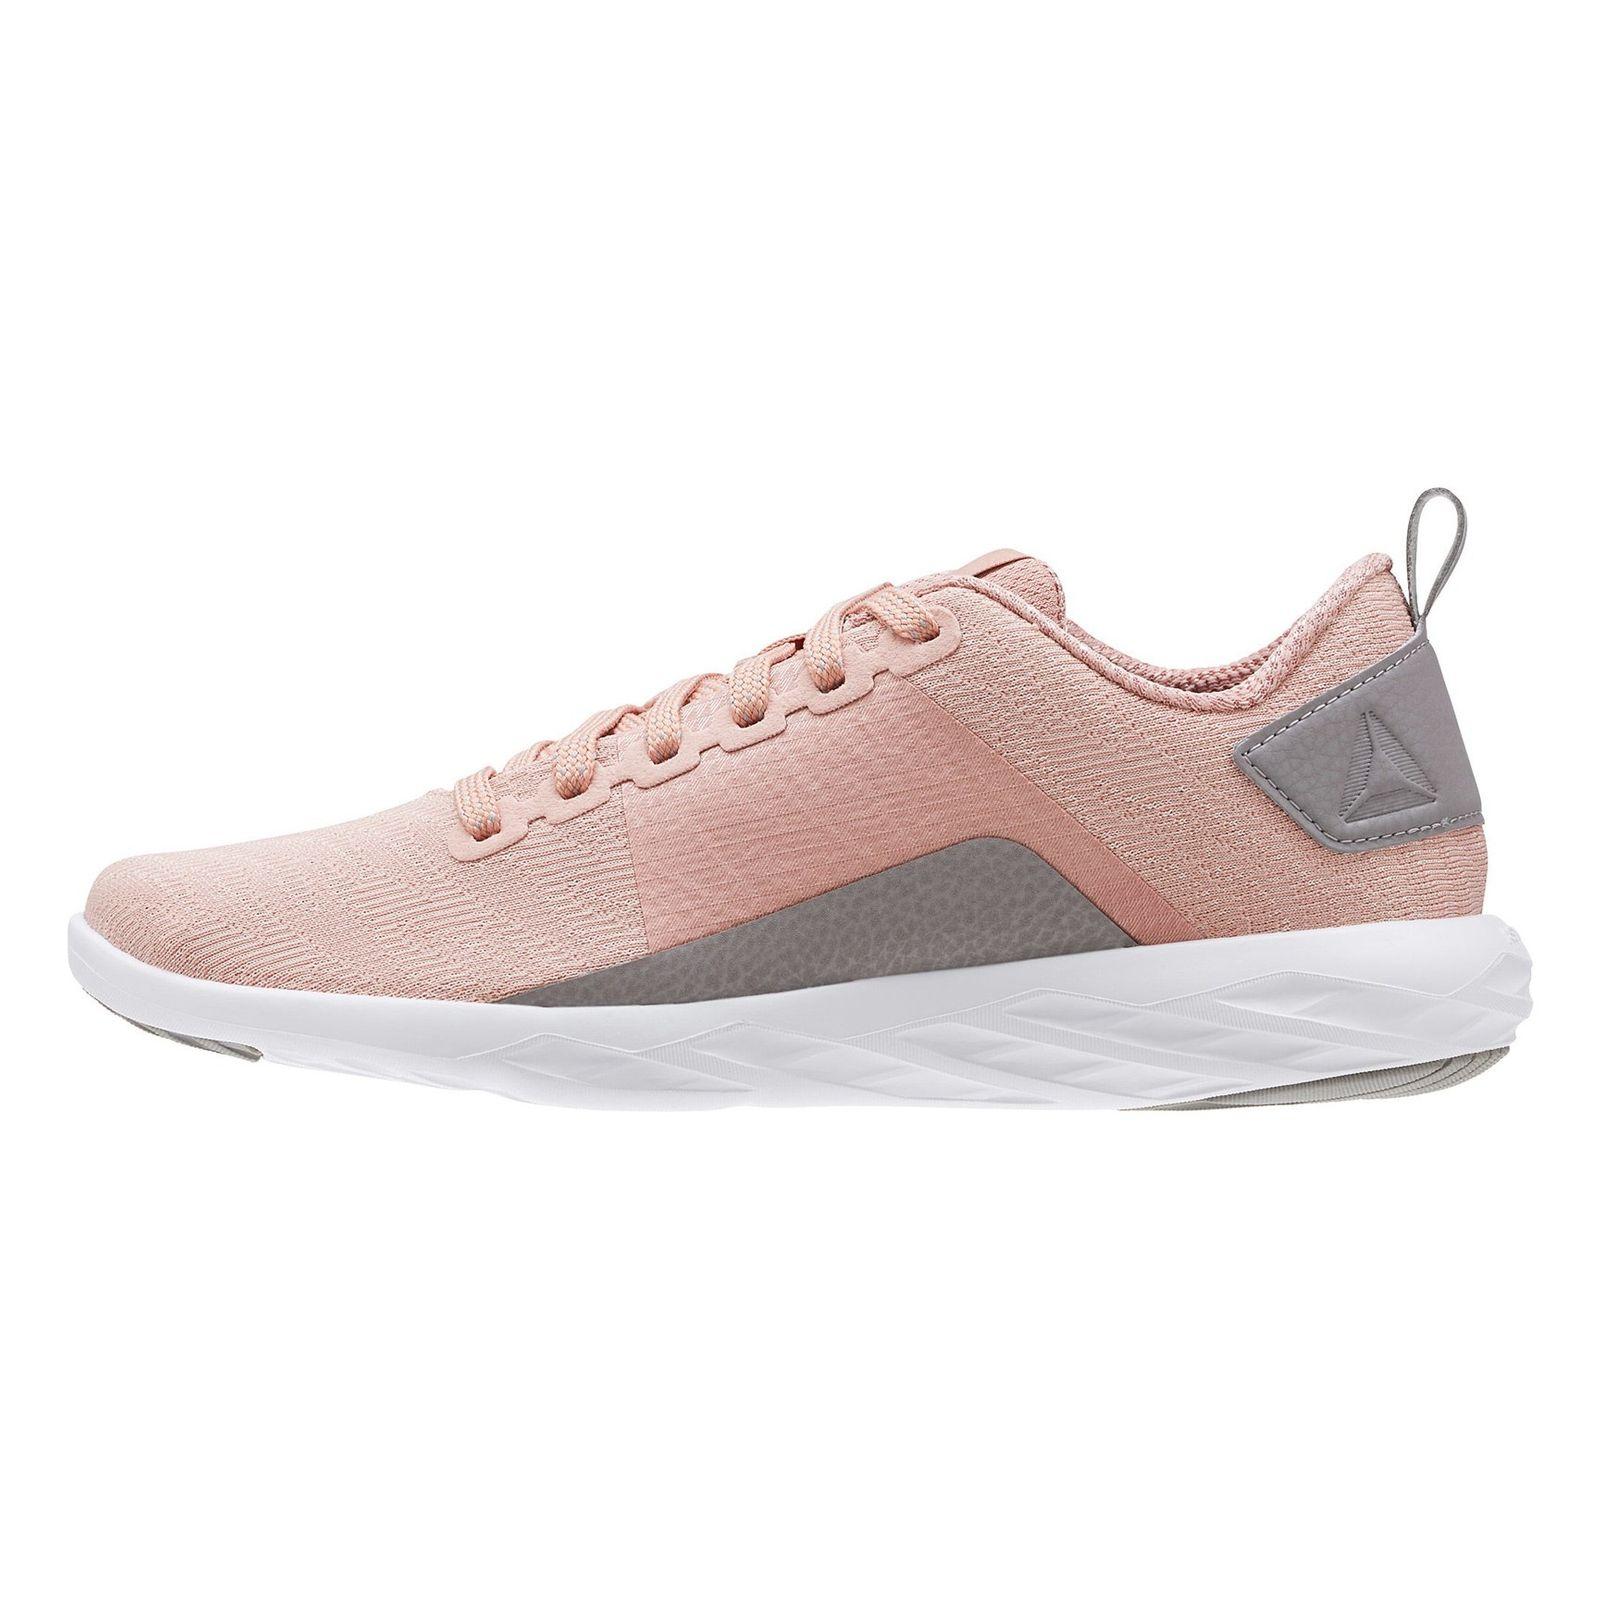 کفش مخصوص پیاده روی زنانه ریباک مدل Astroride Walk - صورتي - 3